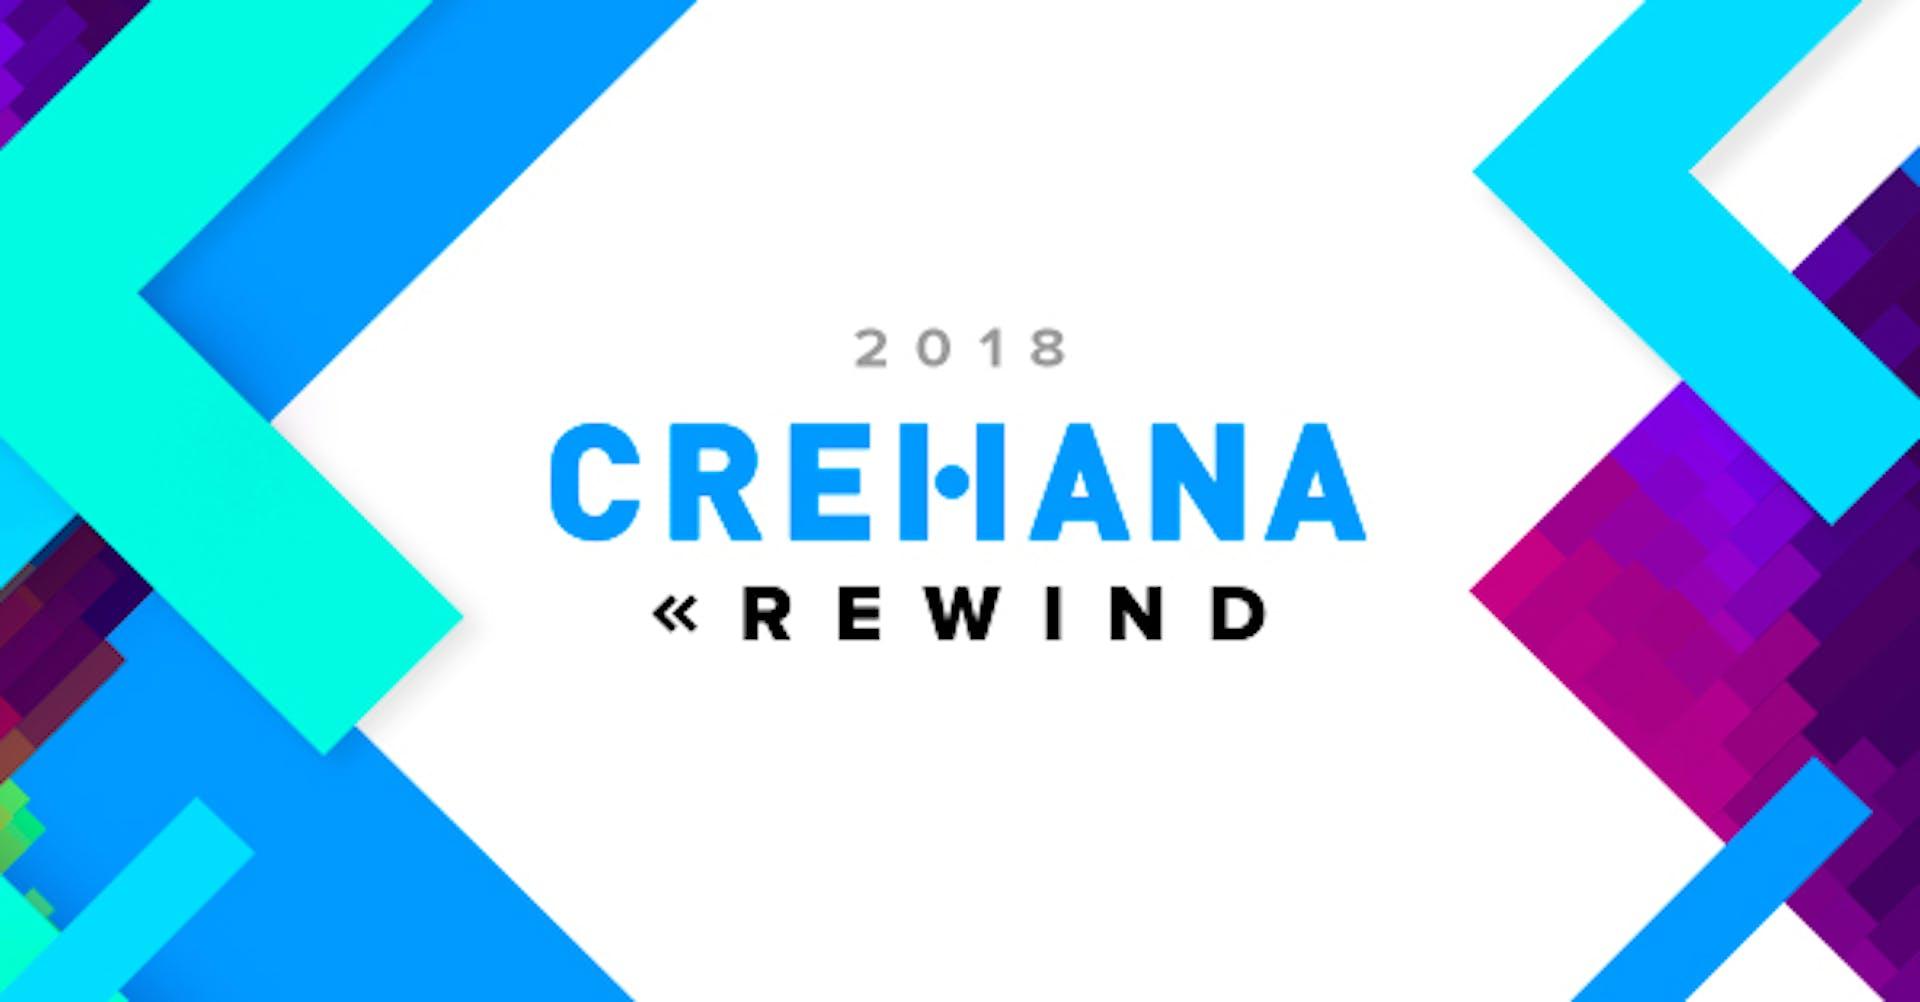 Lo que dejó el 2018 en Crehana. Tú eres parte de esto.